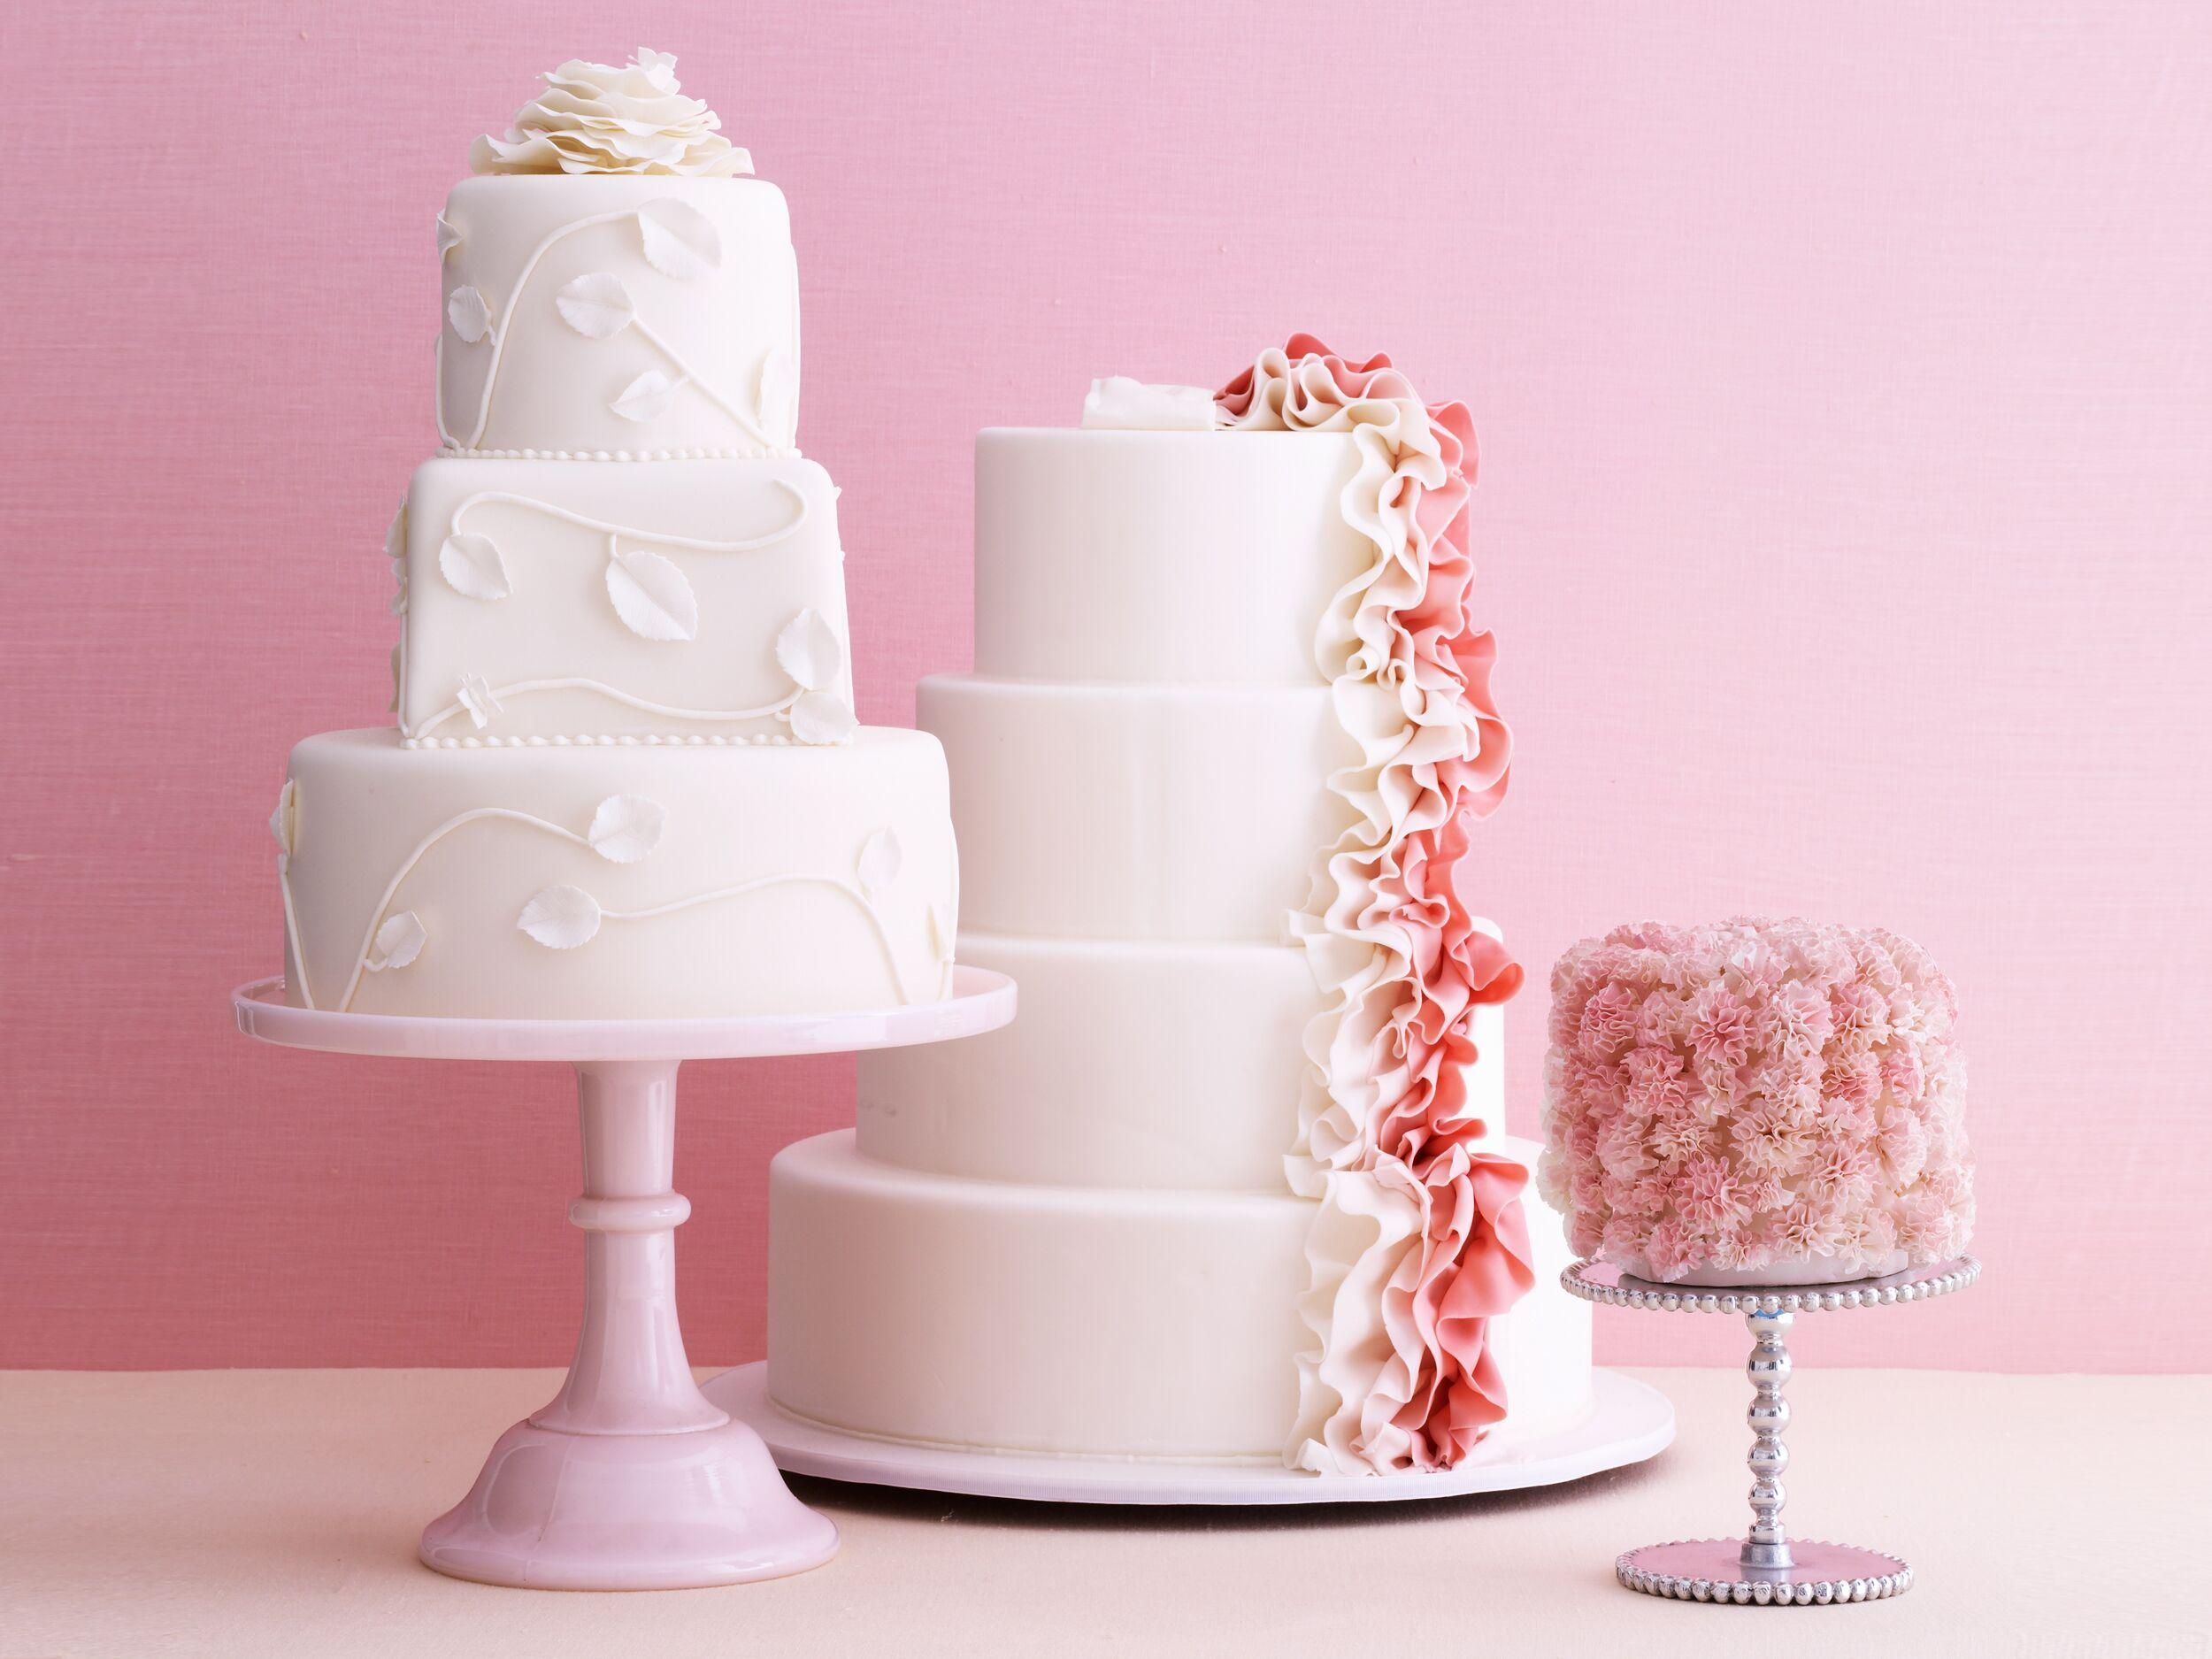 Wedding Cake Shapes 101